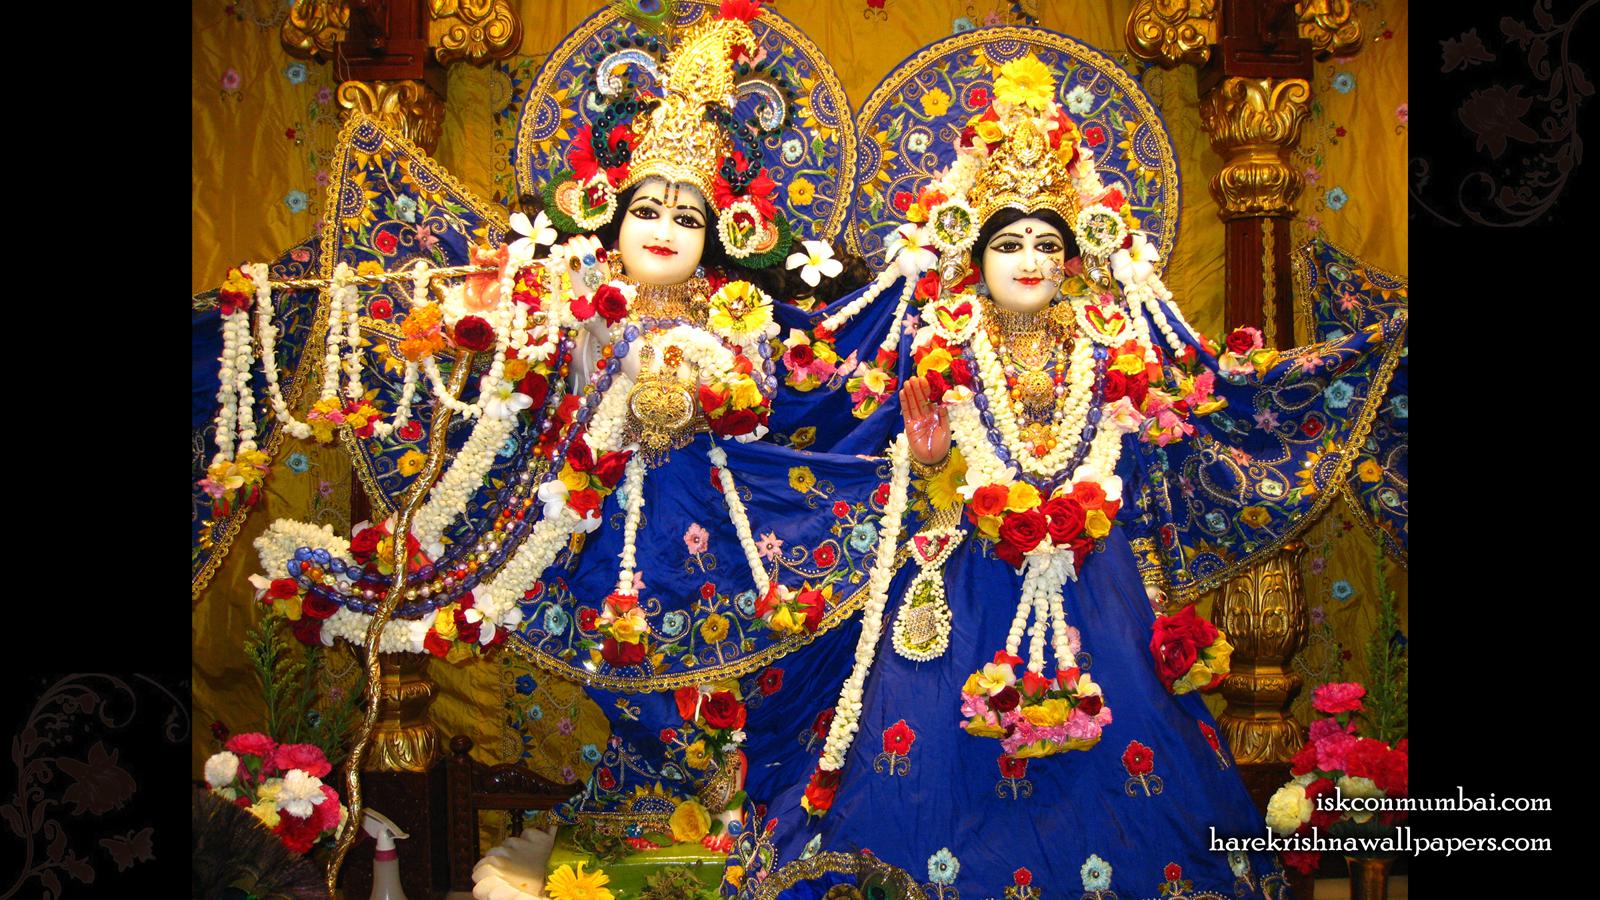 Sri Sri Radha Rasabihari Wallpaper (010) Size 1600x900 Download